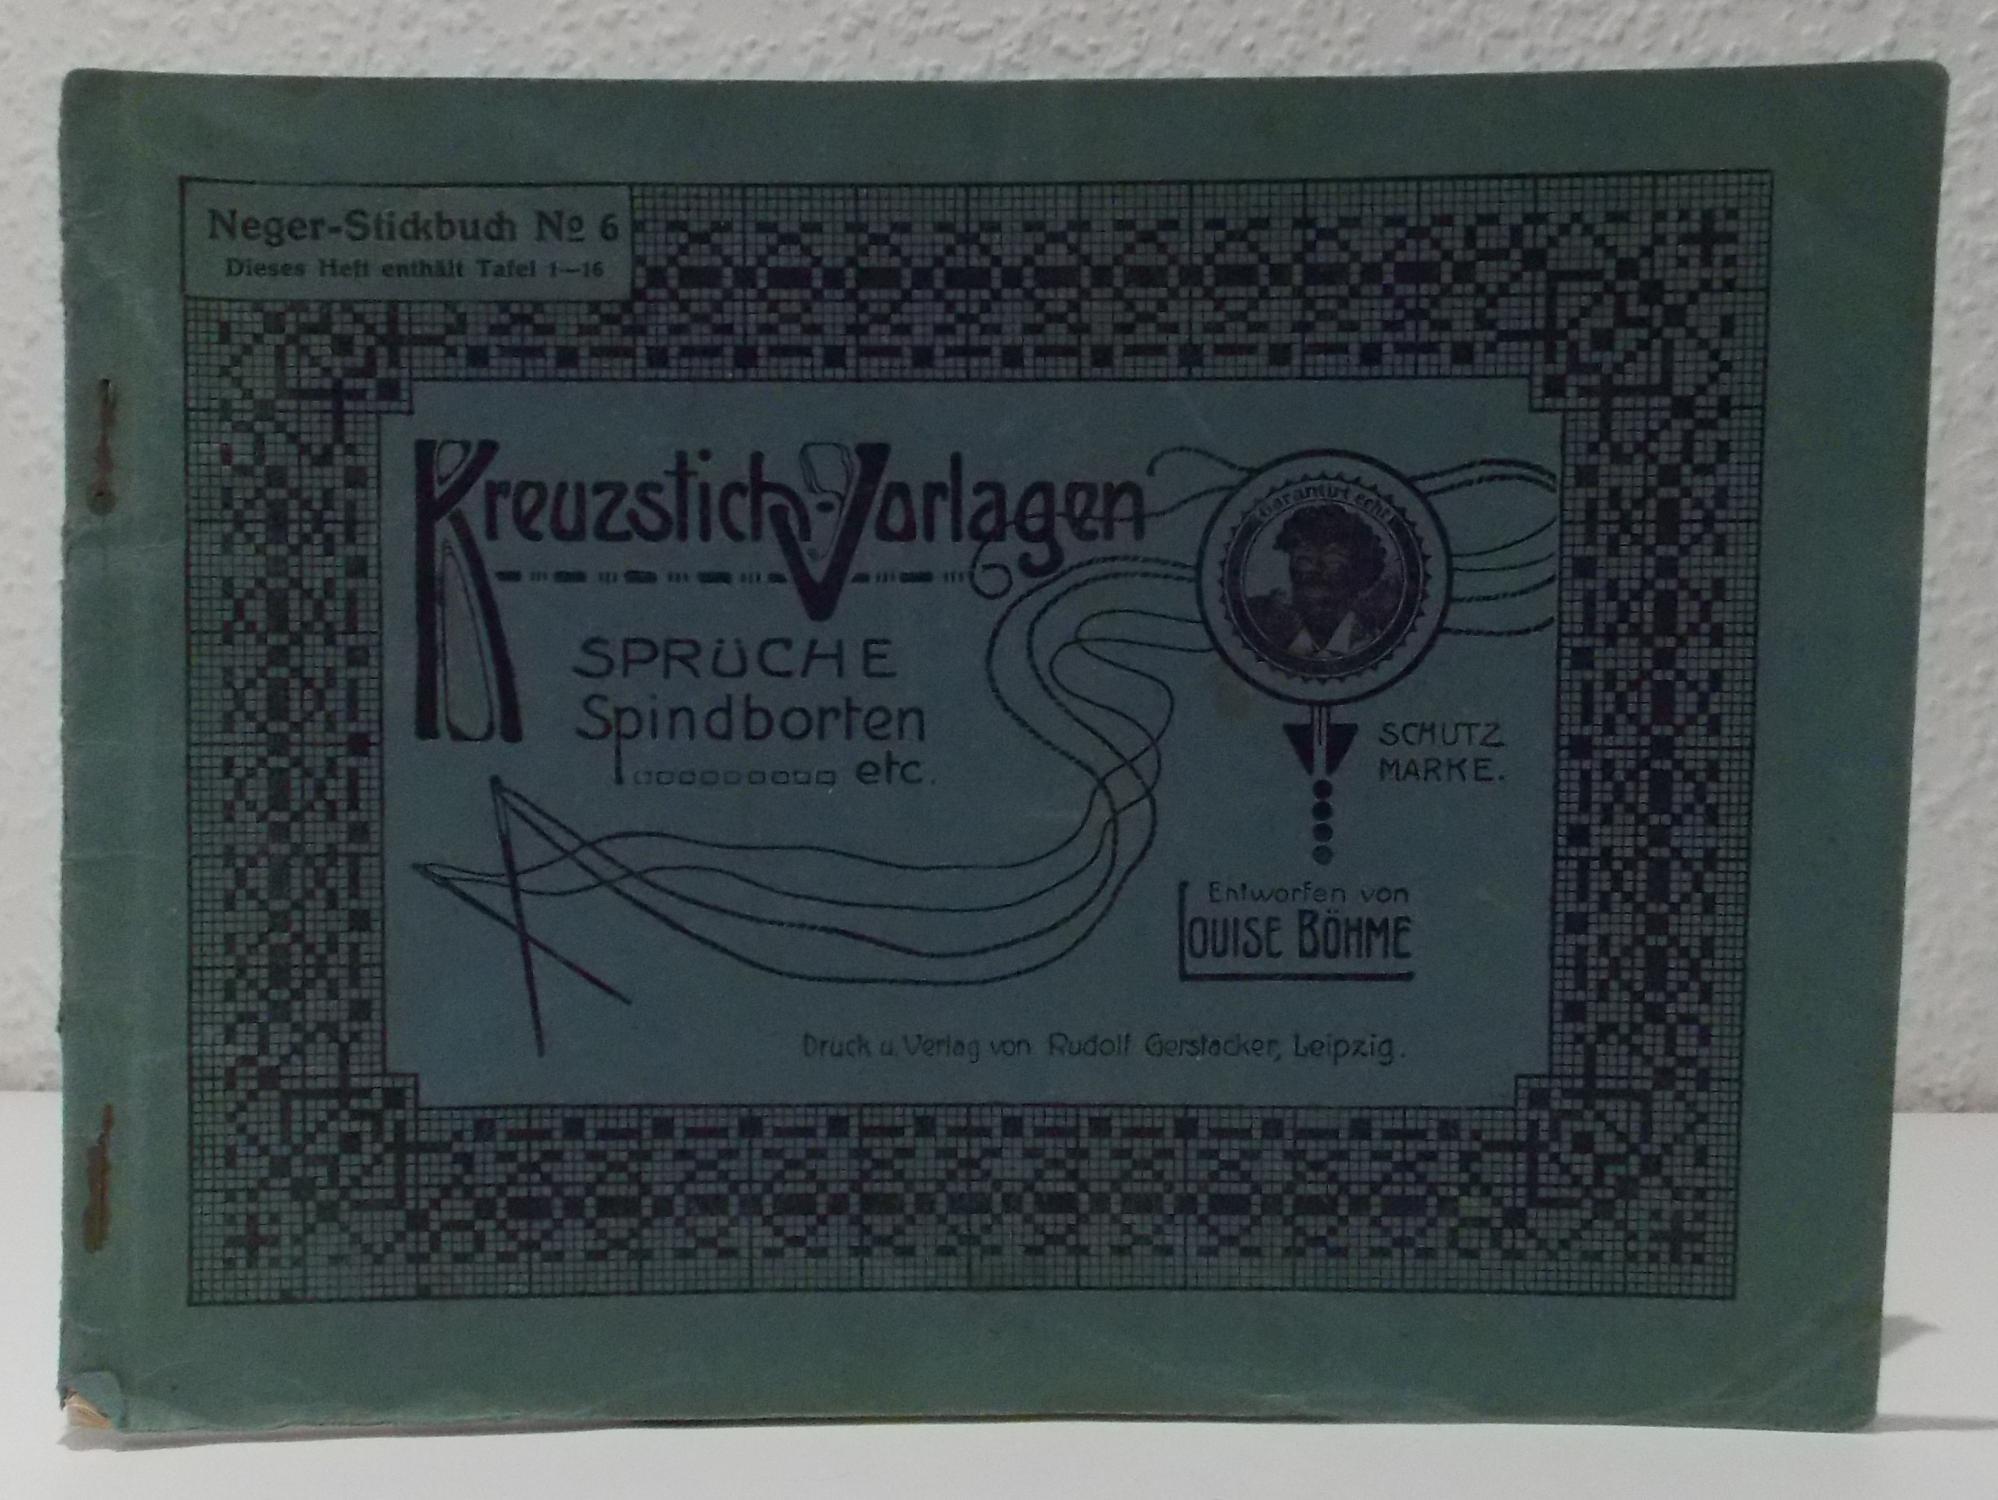 Kreuzstich vorlagen sprueche von boehme zvab - Vorlagen kreuzstich ...